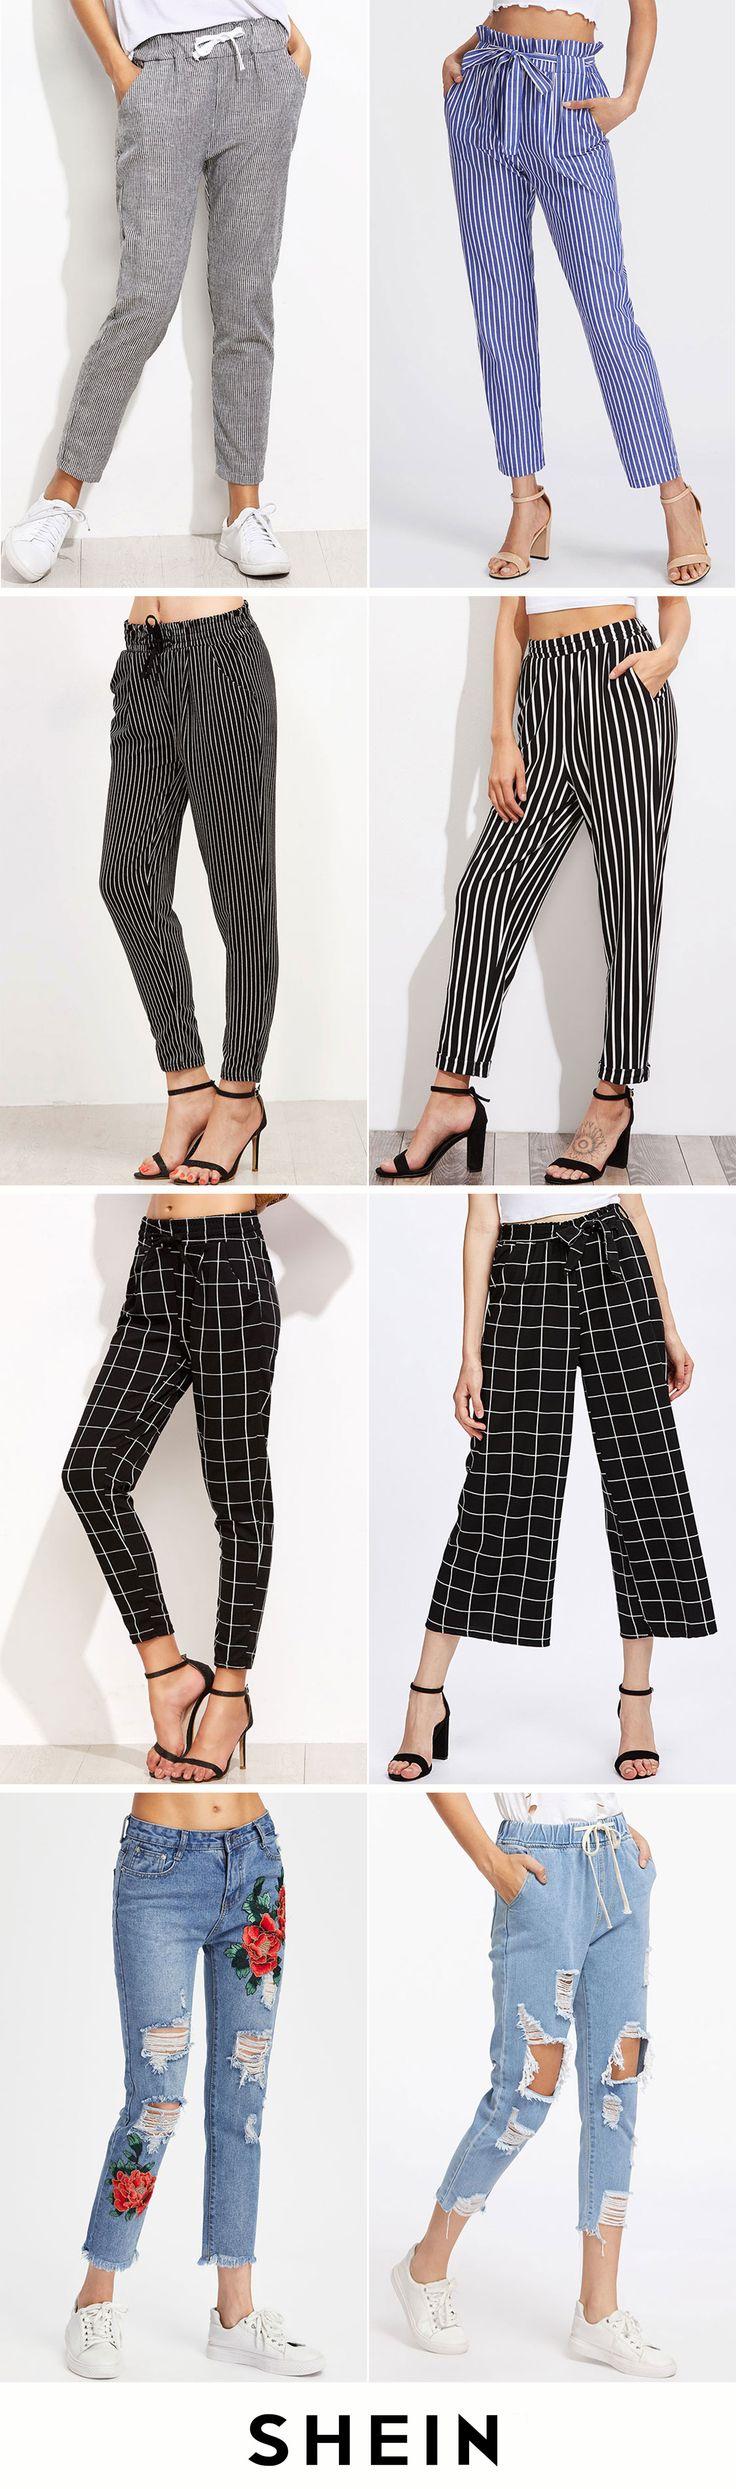 Comfy pants start at $8!